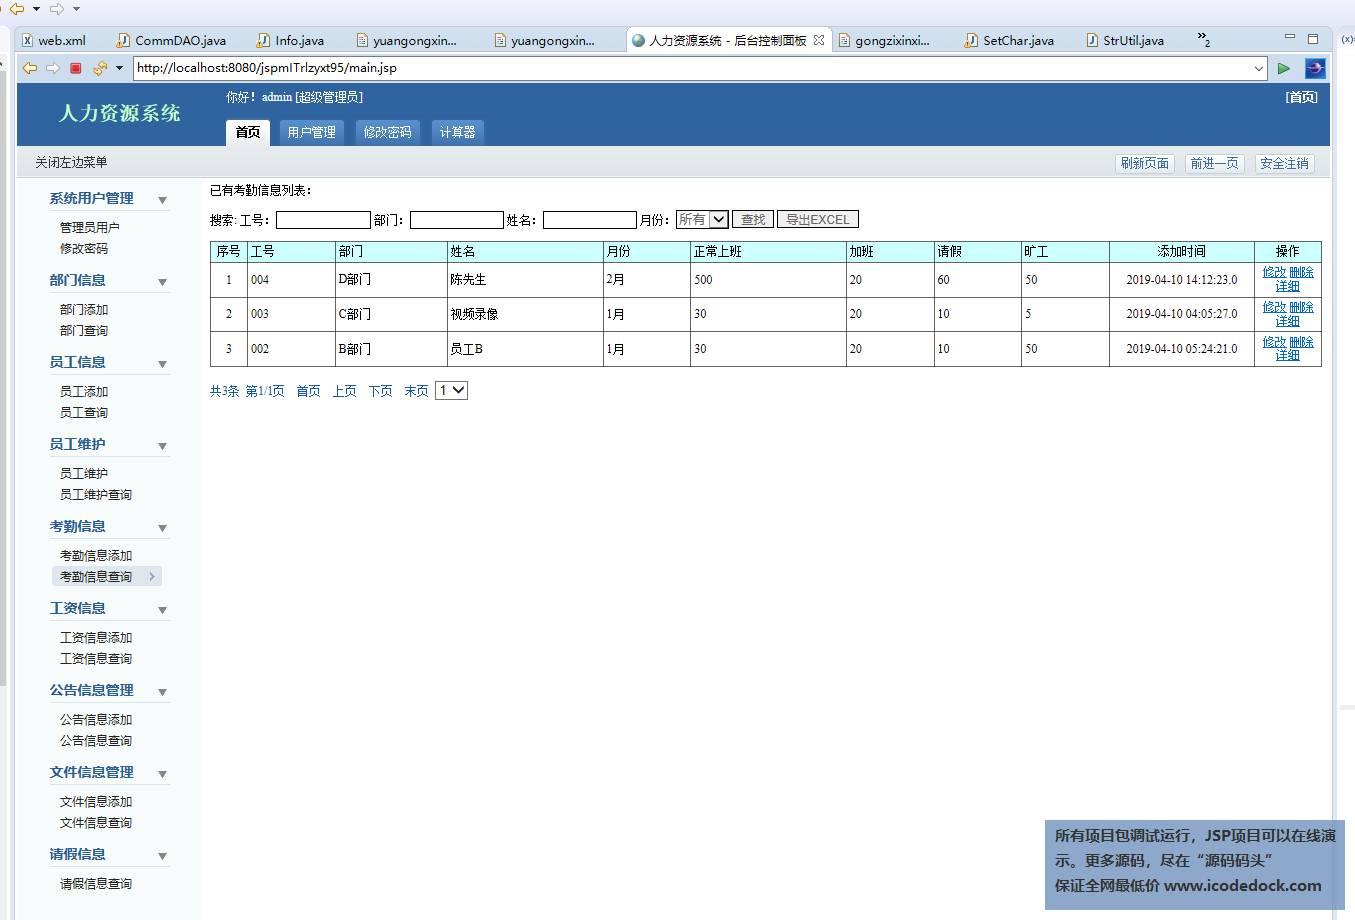 源码码头-JSP人事管理系统-管理员角色-考勤信息增删改查导出